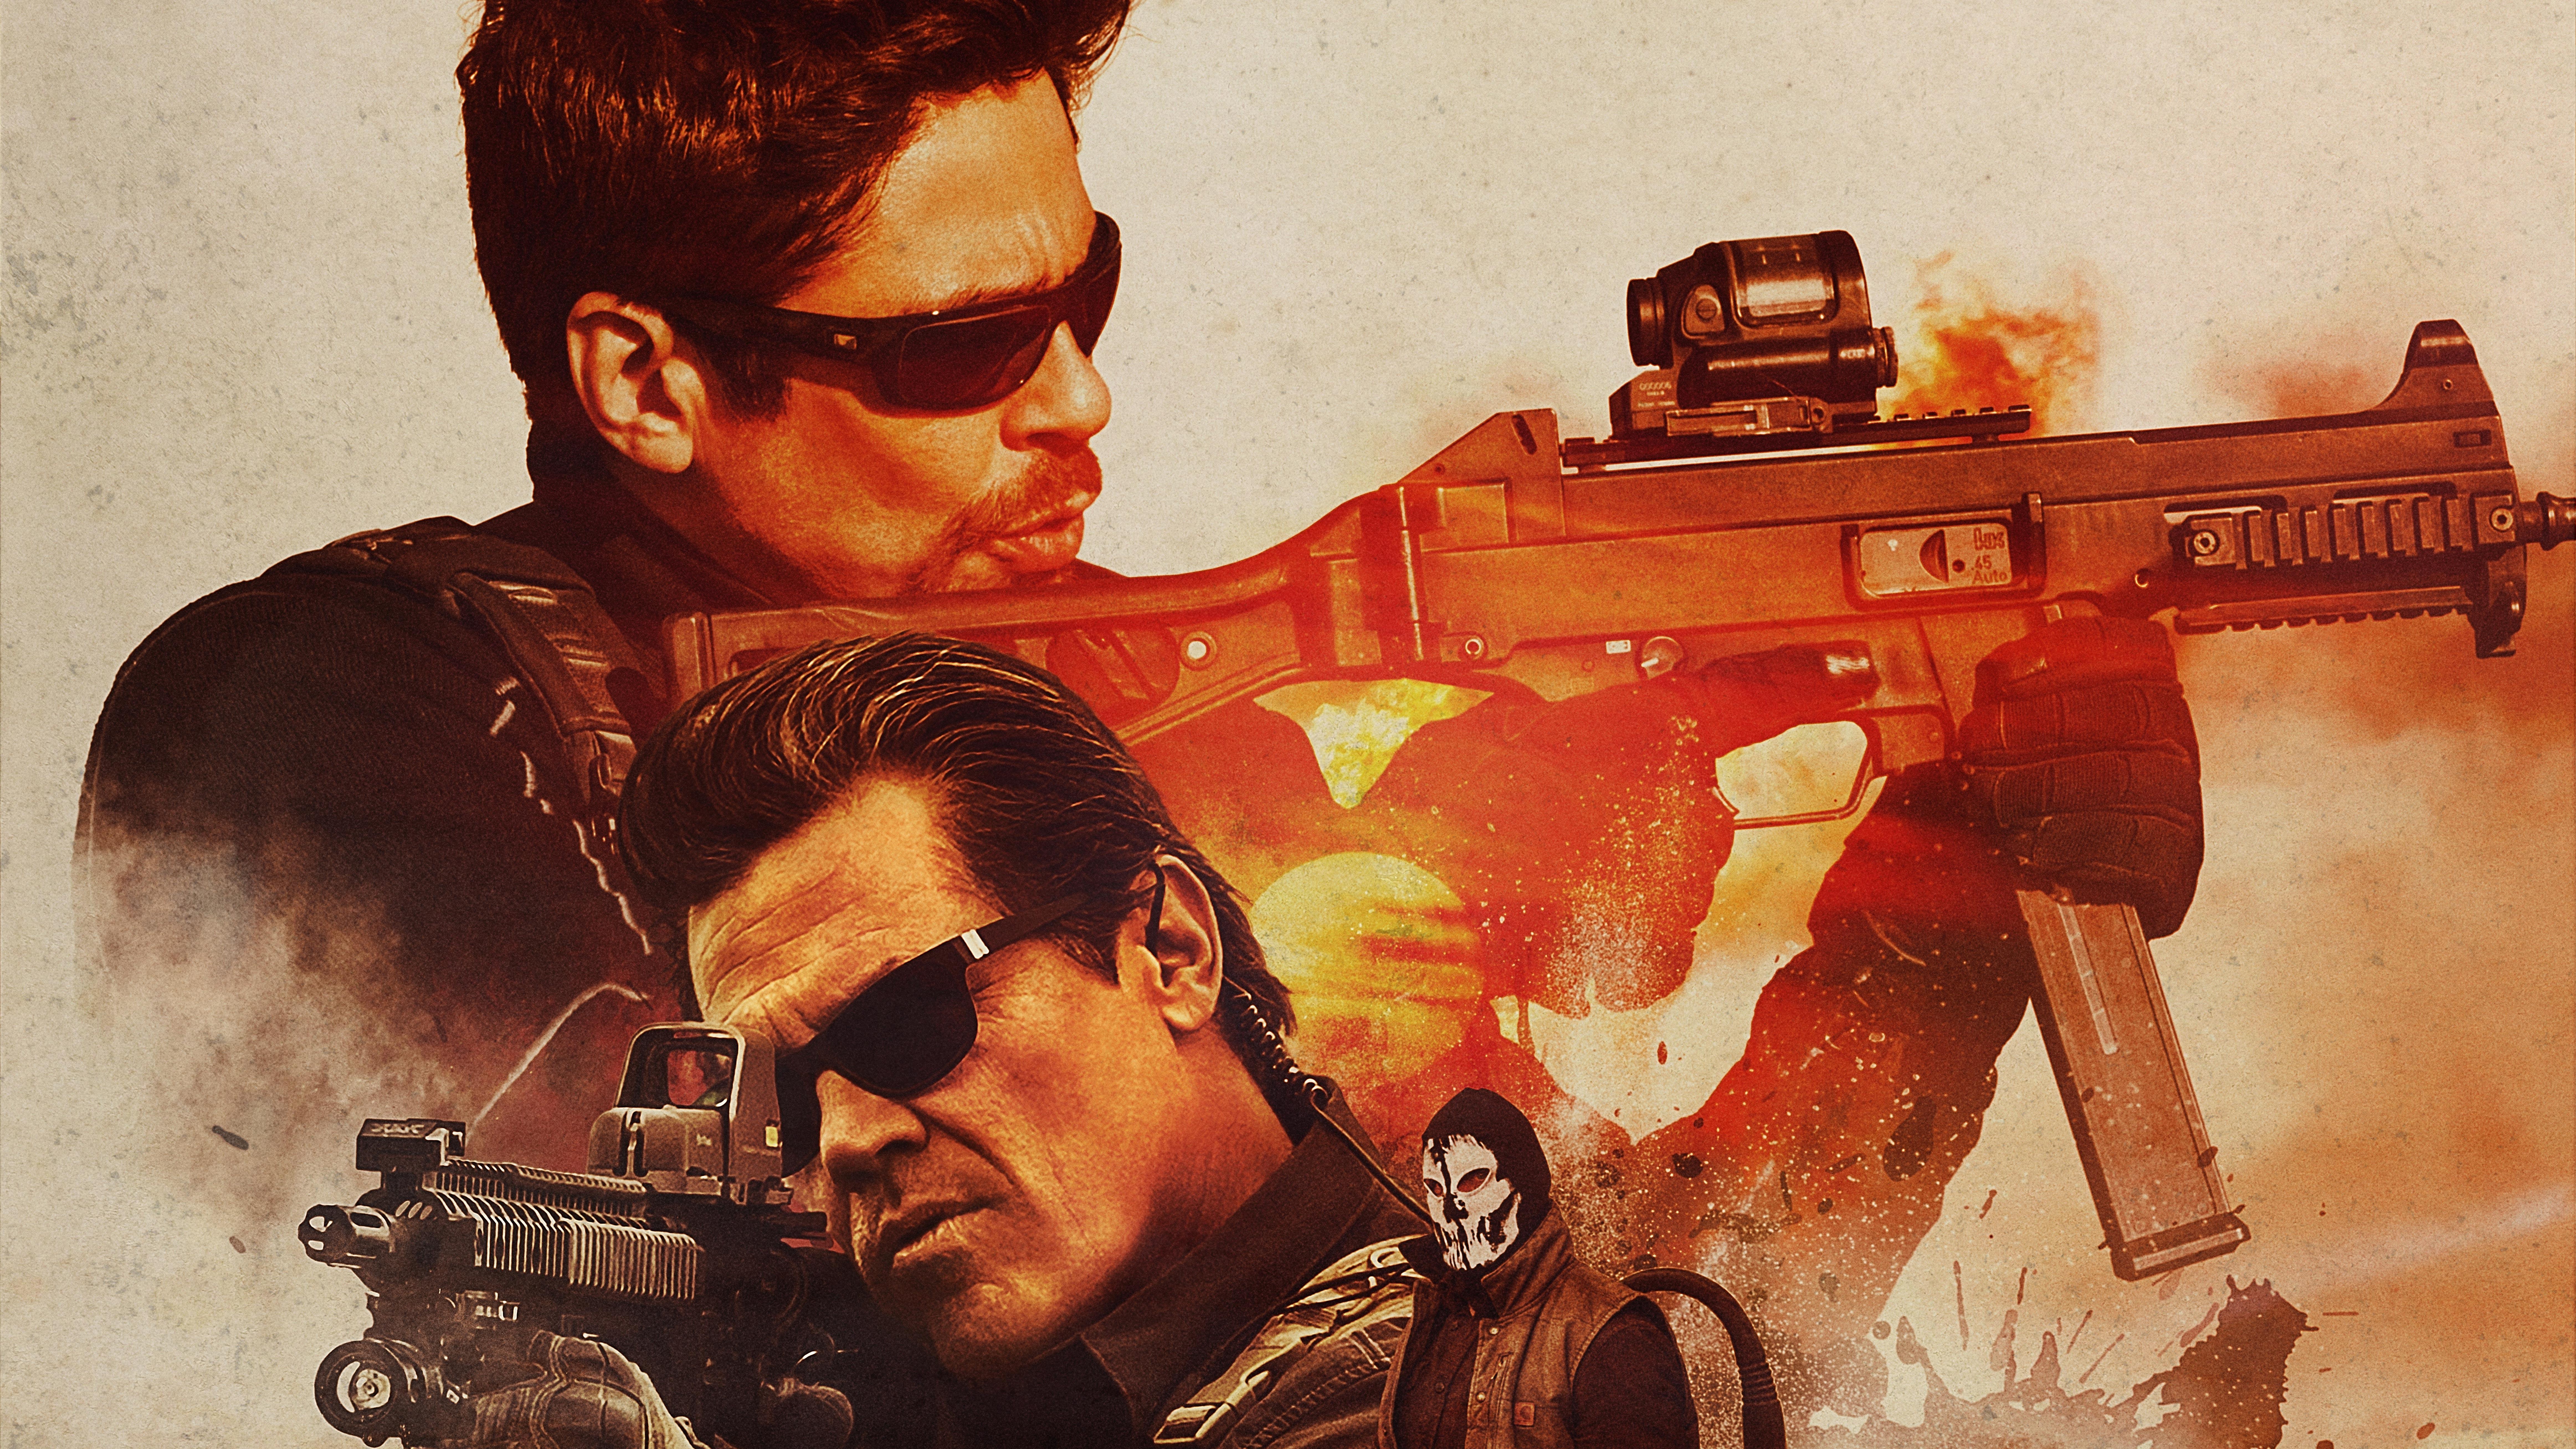 Sicario day of the soldado movie 10k hd movies 4k - Sicario wallpaper ...